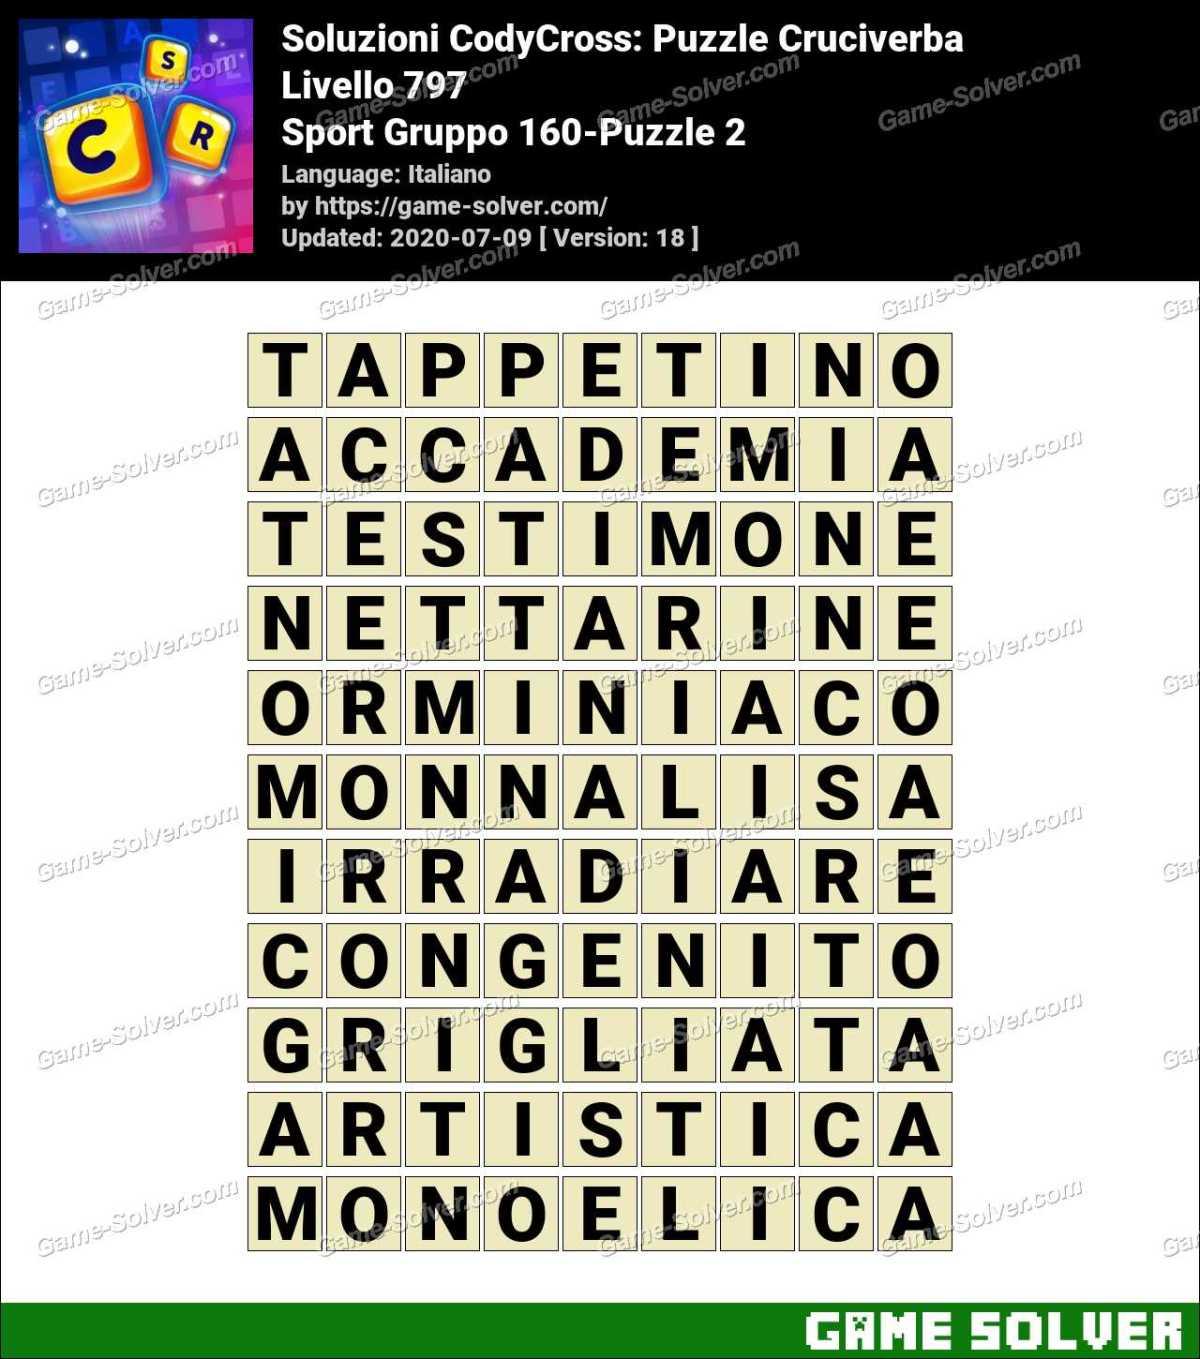 Soluzioni CodyCross Sport Gruppo 160-Puzzle 2